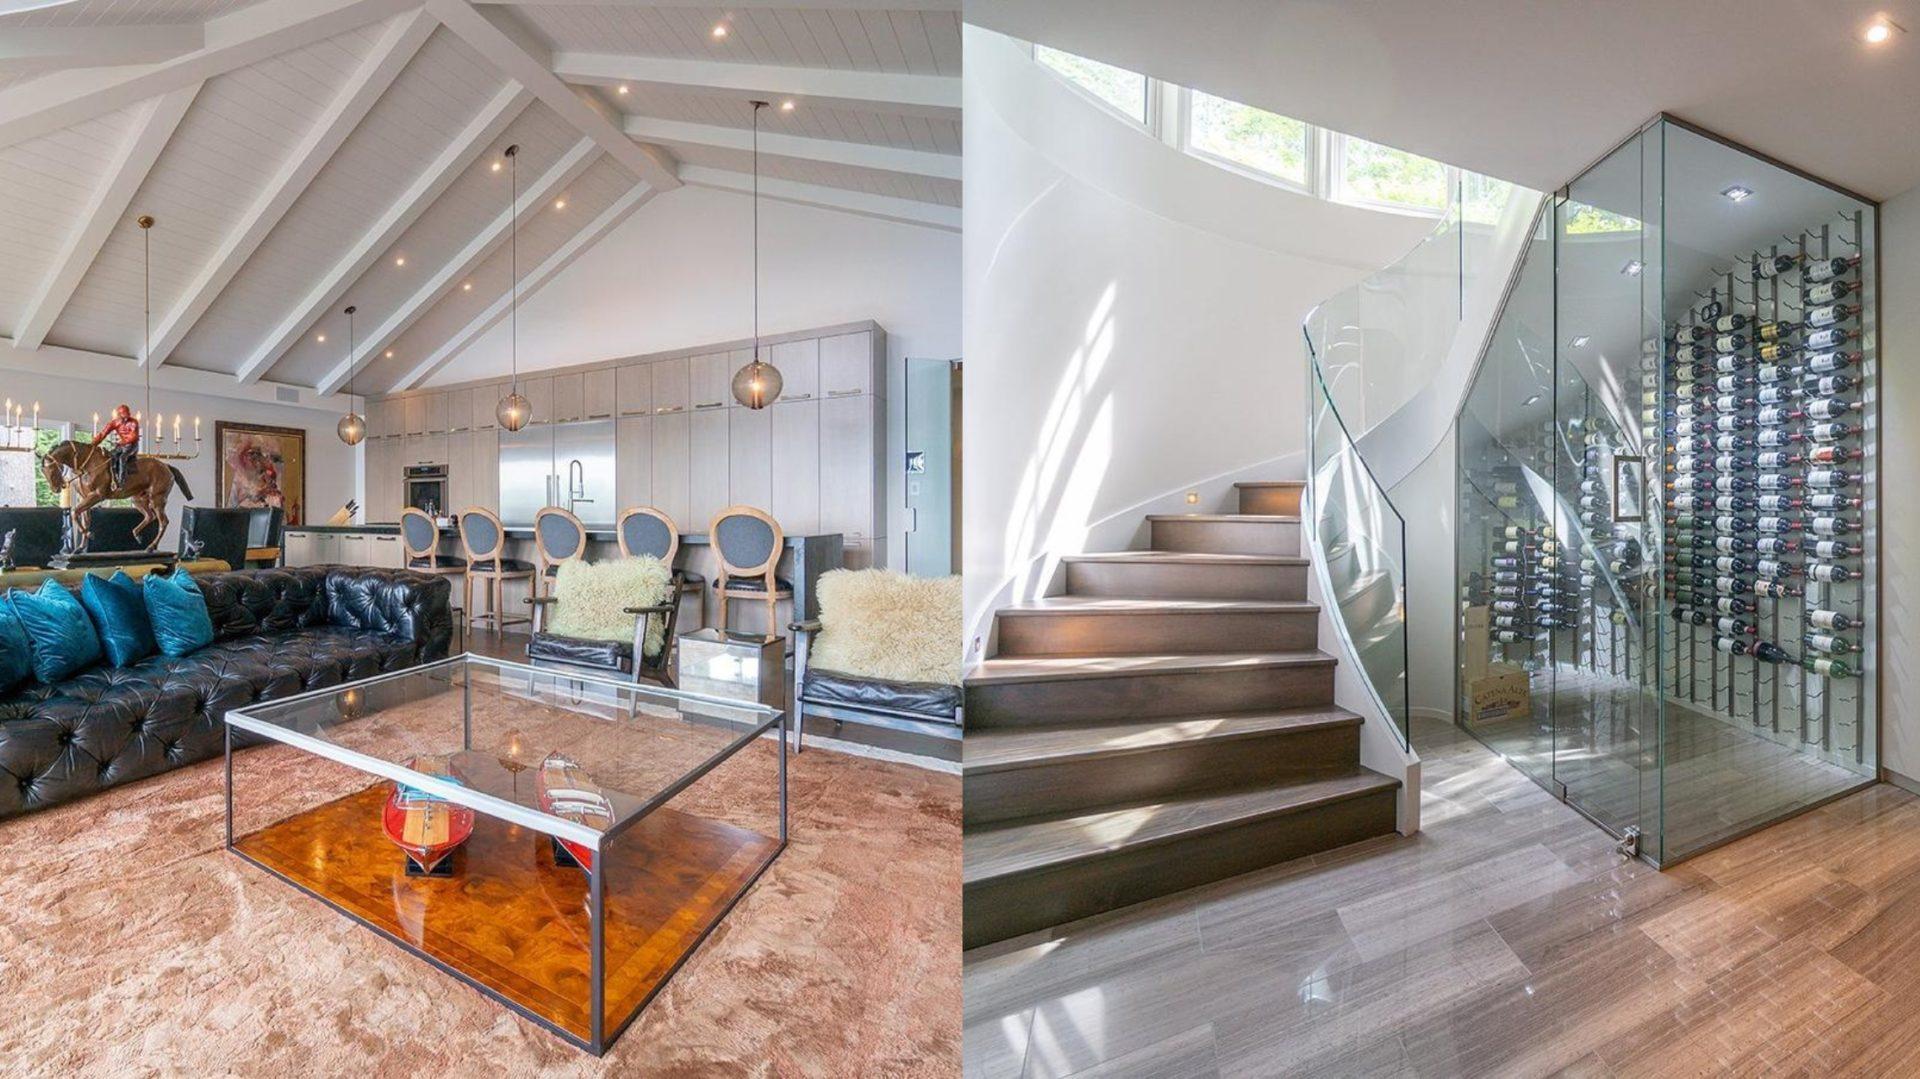 Cette magnifique maison de Magog est en vente à 3.2M$ et possède un cellier et un cinéma maison! [PHOTOS]